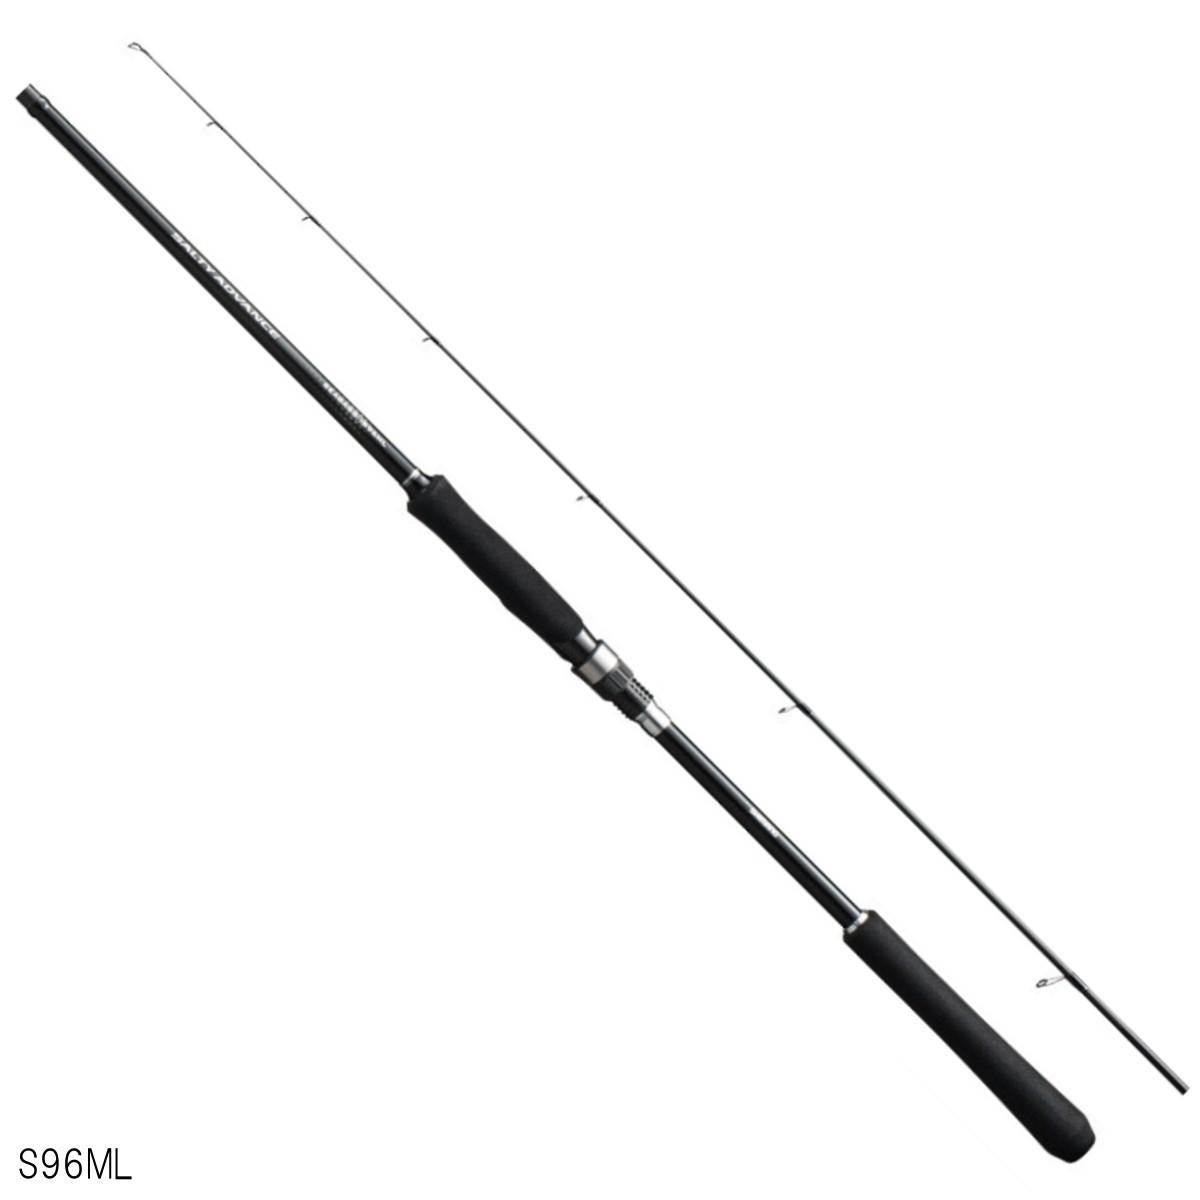 シマノ ソルティーアドバンス シーバス S96ML【大型商品】